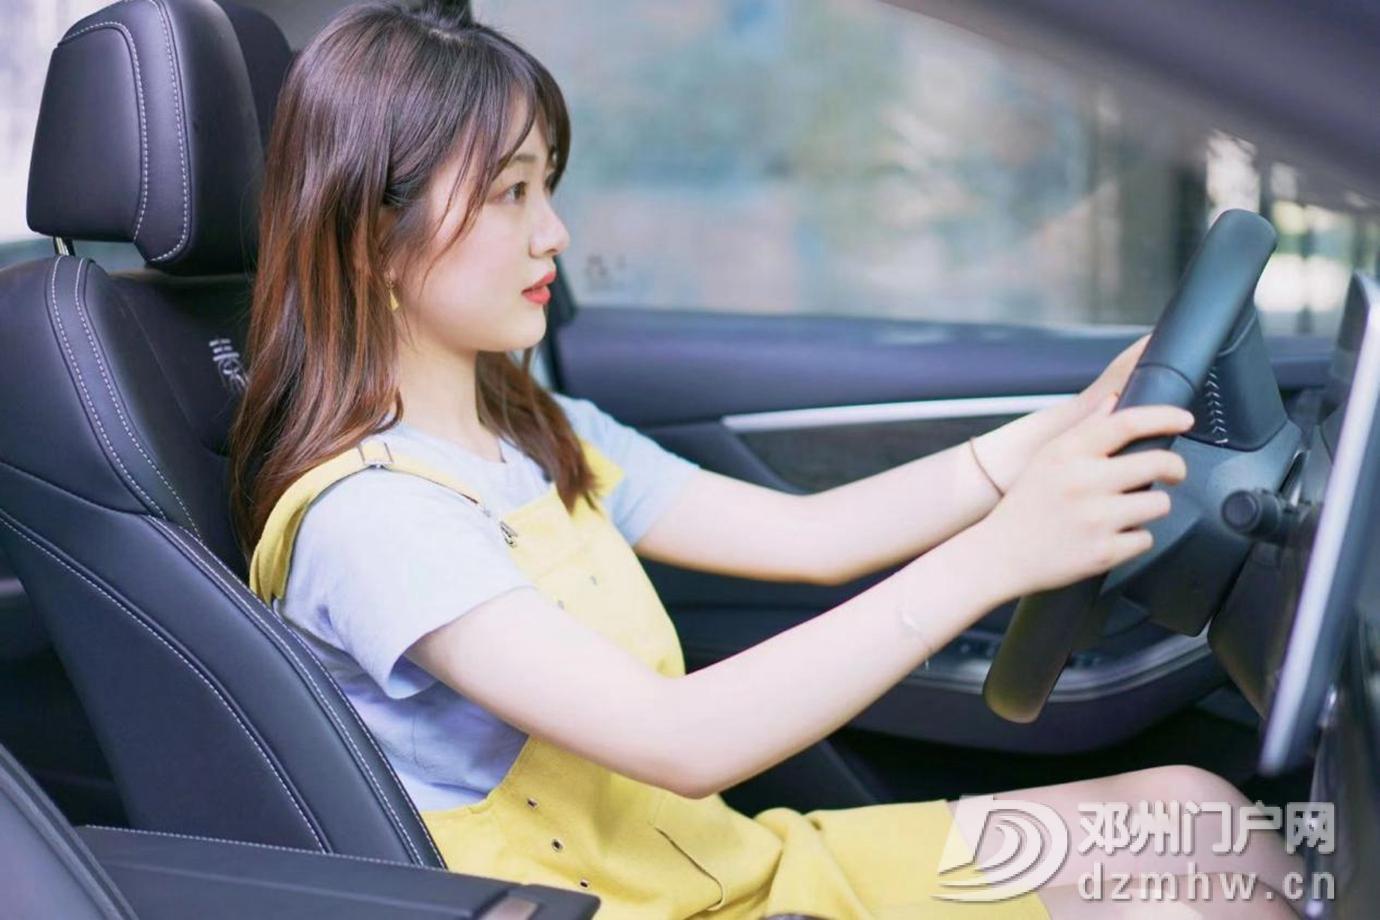 秦Pro DM用自己由内而外的美,充裕我的生活世界 - 邓州门户网|邓州网 - a20.jpg